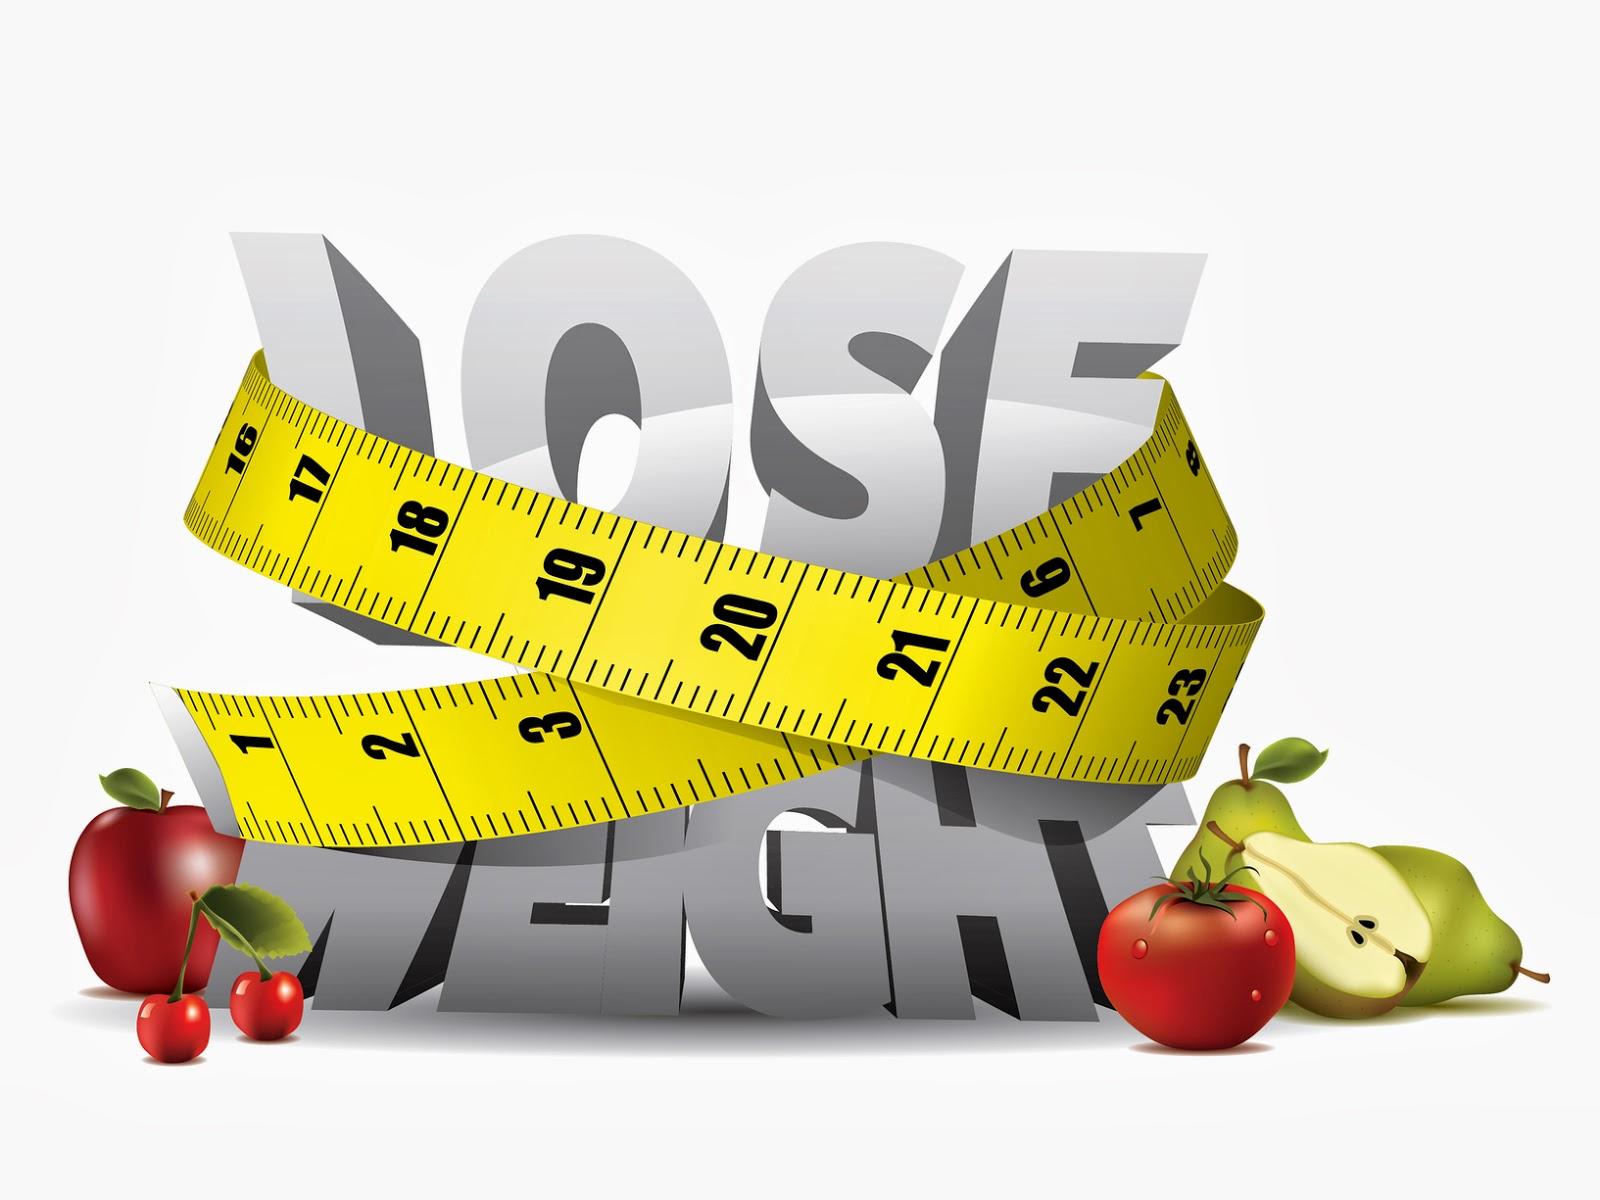 Sudah diet ketat tapi belum berhasil? 3 alasan mengapa berat badanmu tidak turun